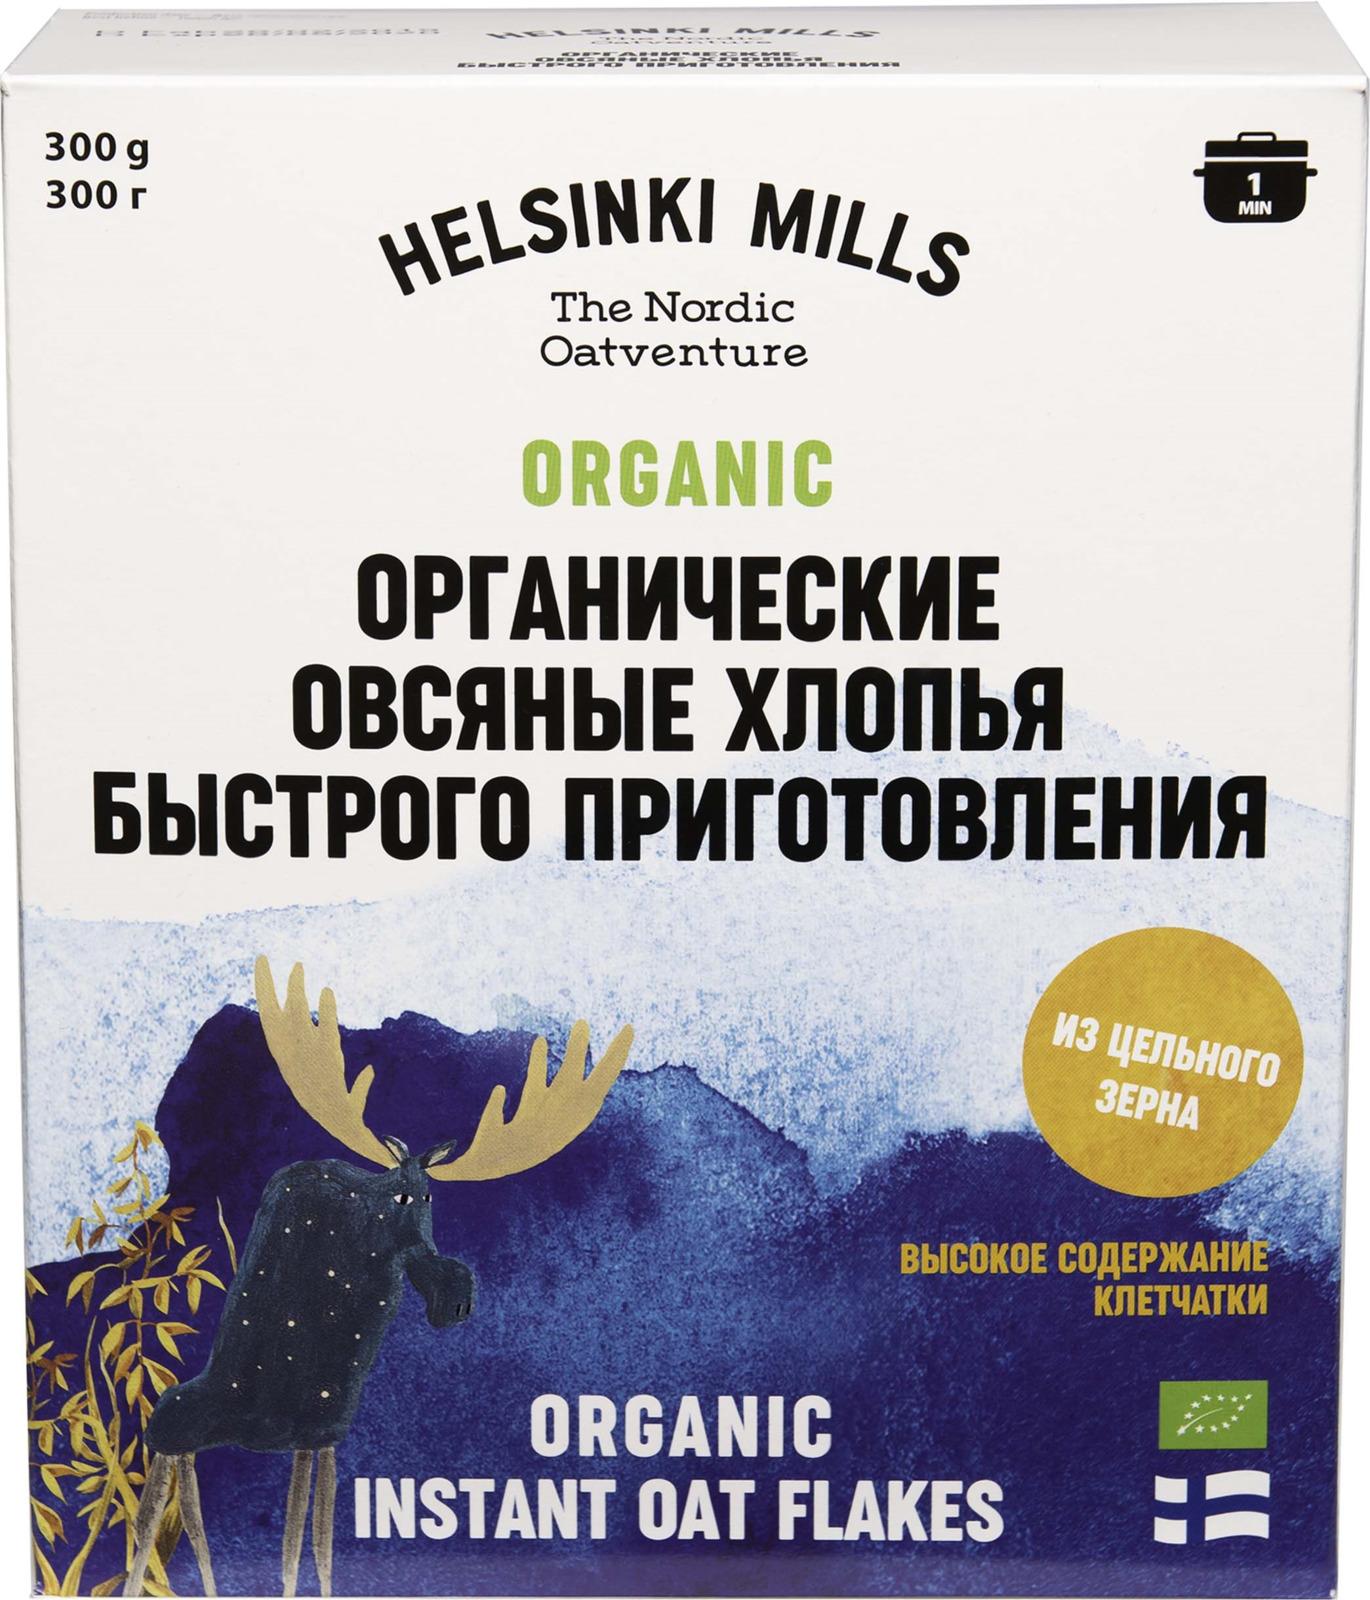 Органические овсяные хлопья быстрого приготовления Helsinki Mills, 300 г